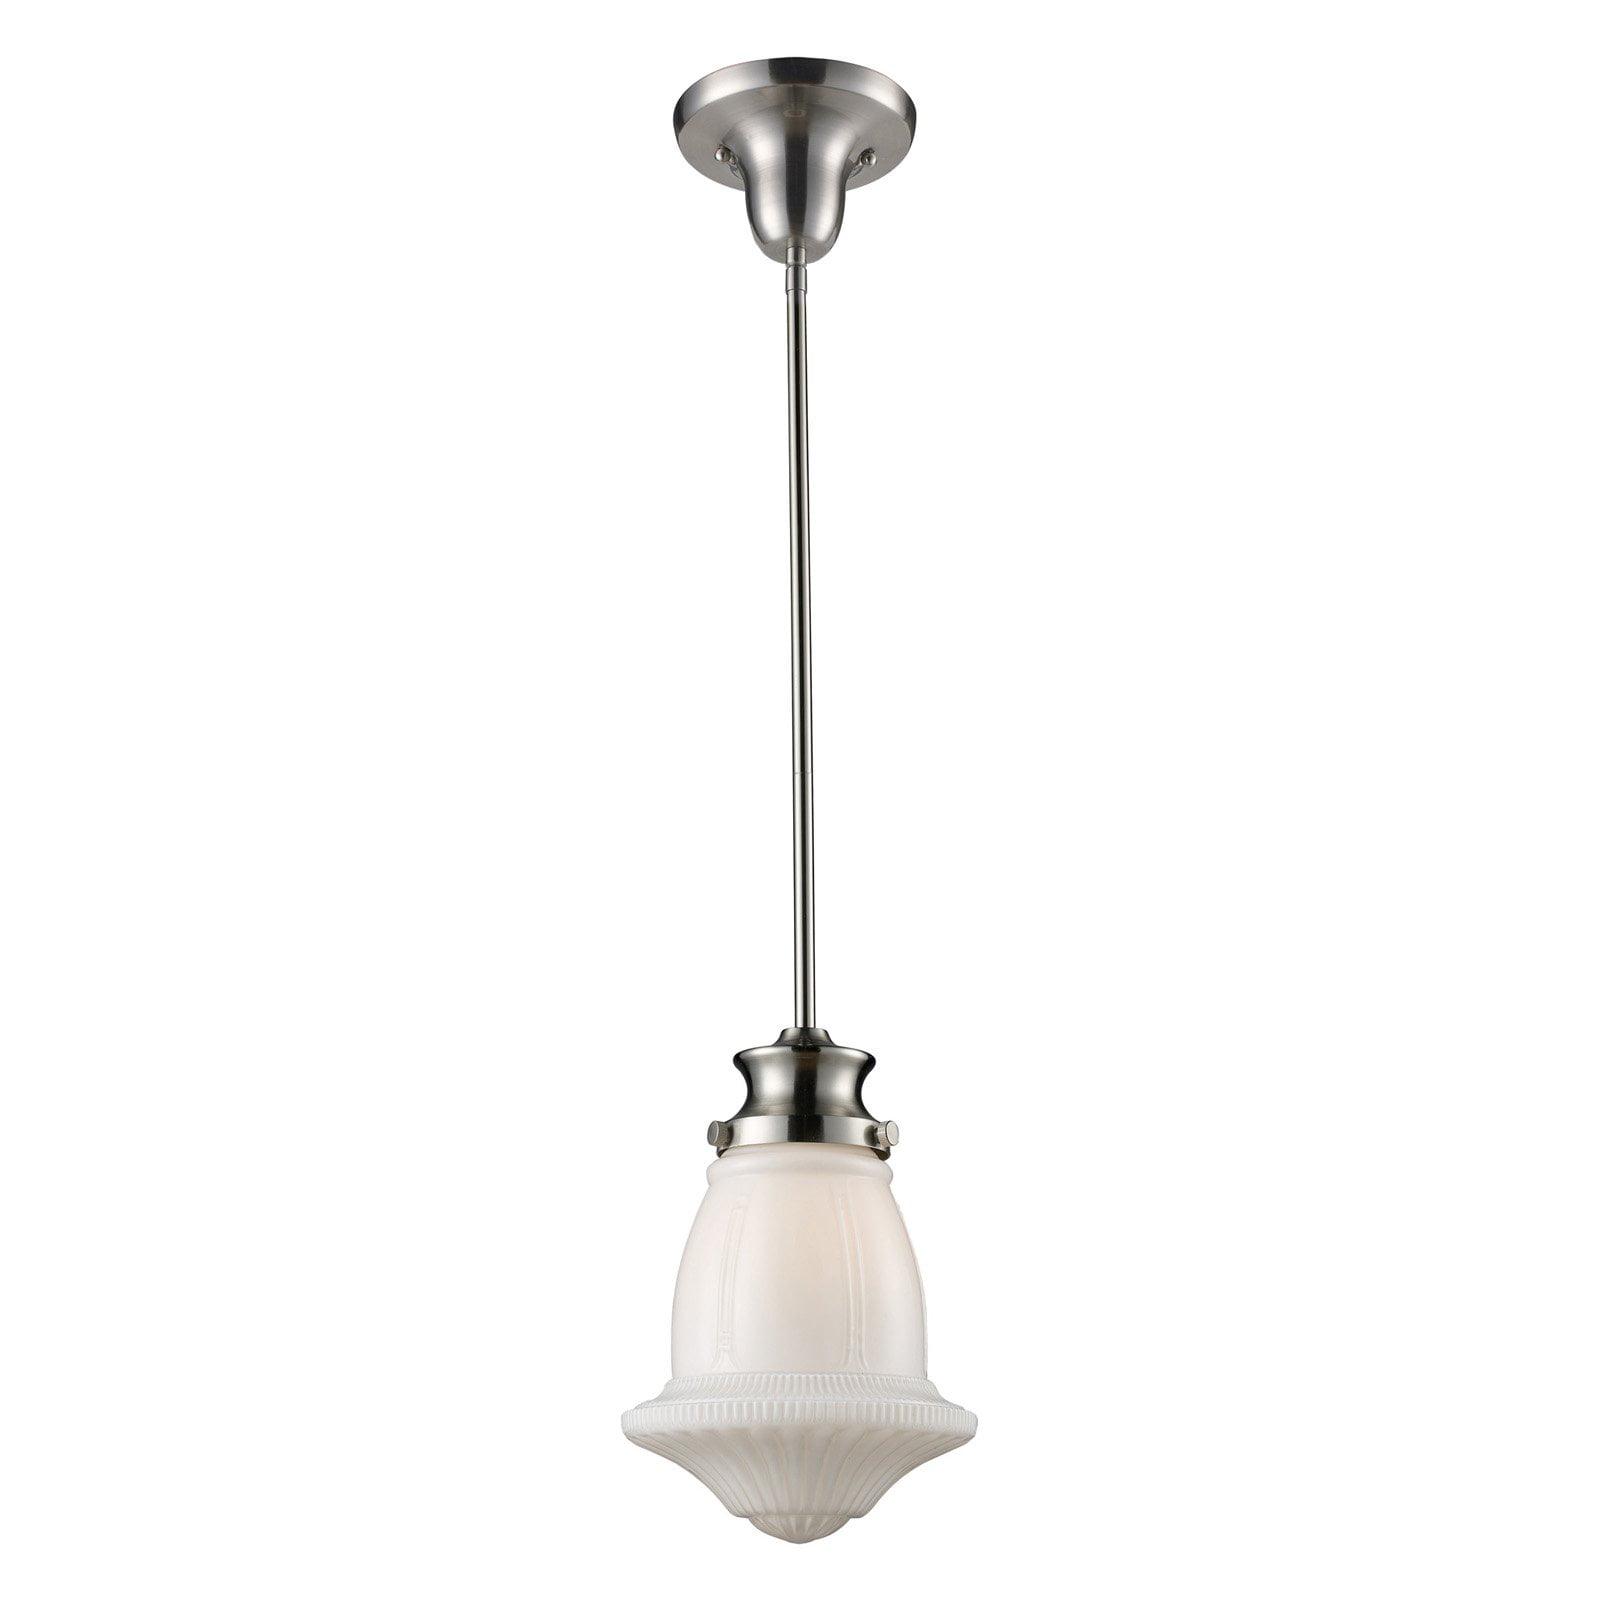 ELK Lighting 69029-1 Schoolhouse Pendant 8W in. Silver by Elk Lighting